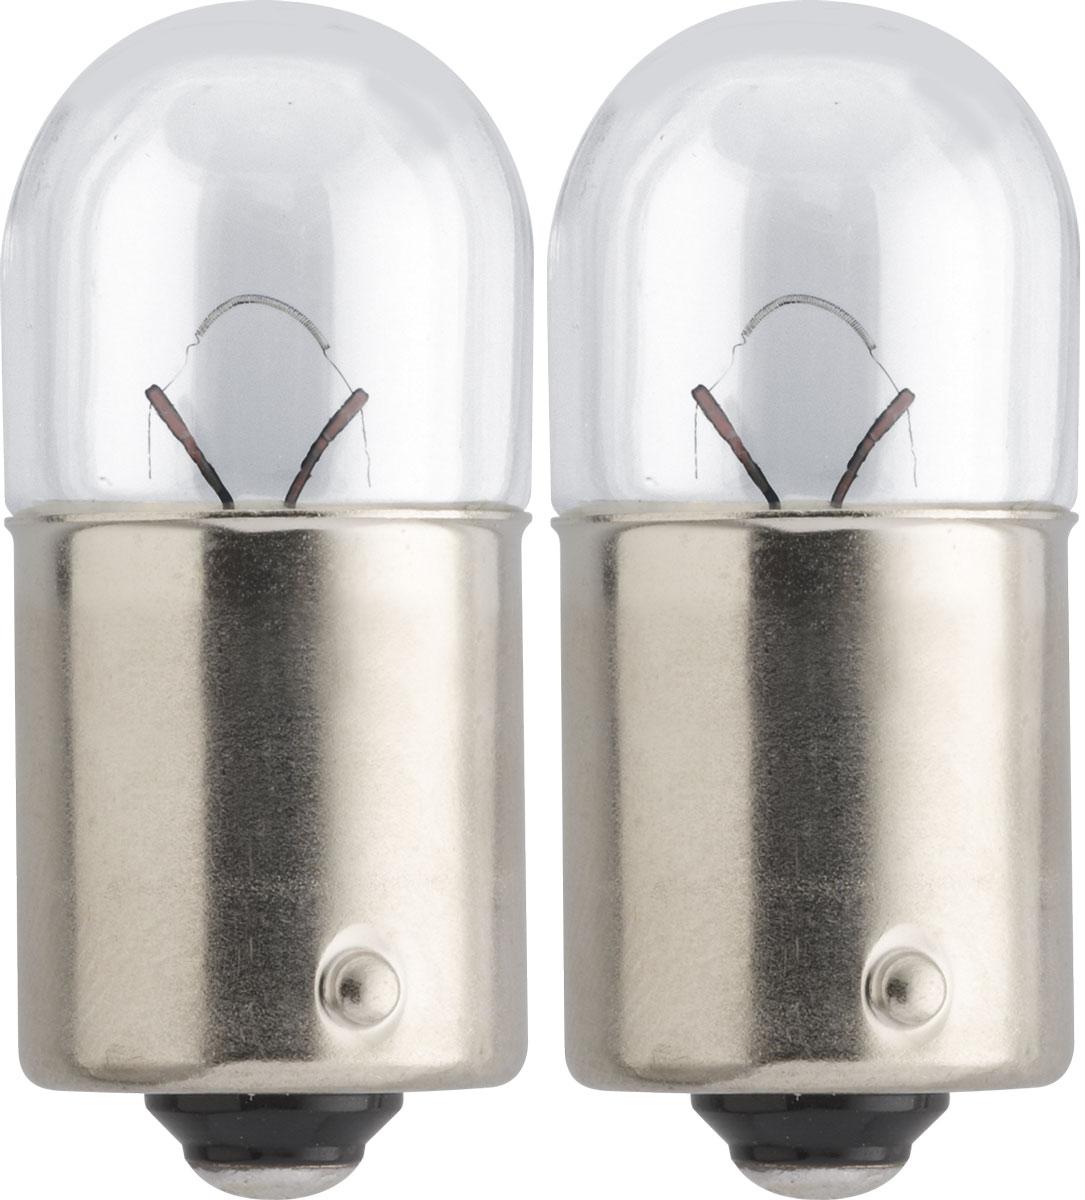 Сигнальная автомобильная лампа Philips Long Life EcoVision увелич. срок службы R5W 12V-5W (BA15s) (2шт.) 12821LLECOB212821LLECOB2 (бл.)Устали от частой замены сигнальных ламп и ламп для салона? LongLife EcoVision служит в 4 раза дольше, чем обычная автомобильная лампа. LongLife EcoVision — правильный выбор для водителей, которые хотят снизить затраты на техобслуживание.Напряжение: 12 вольт